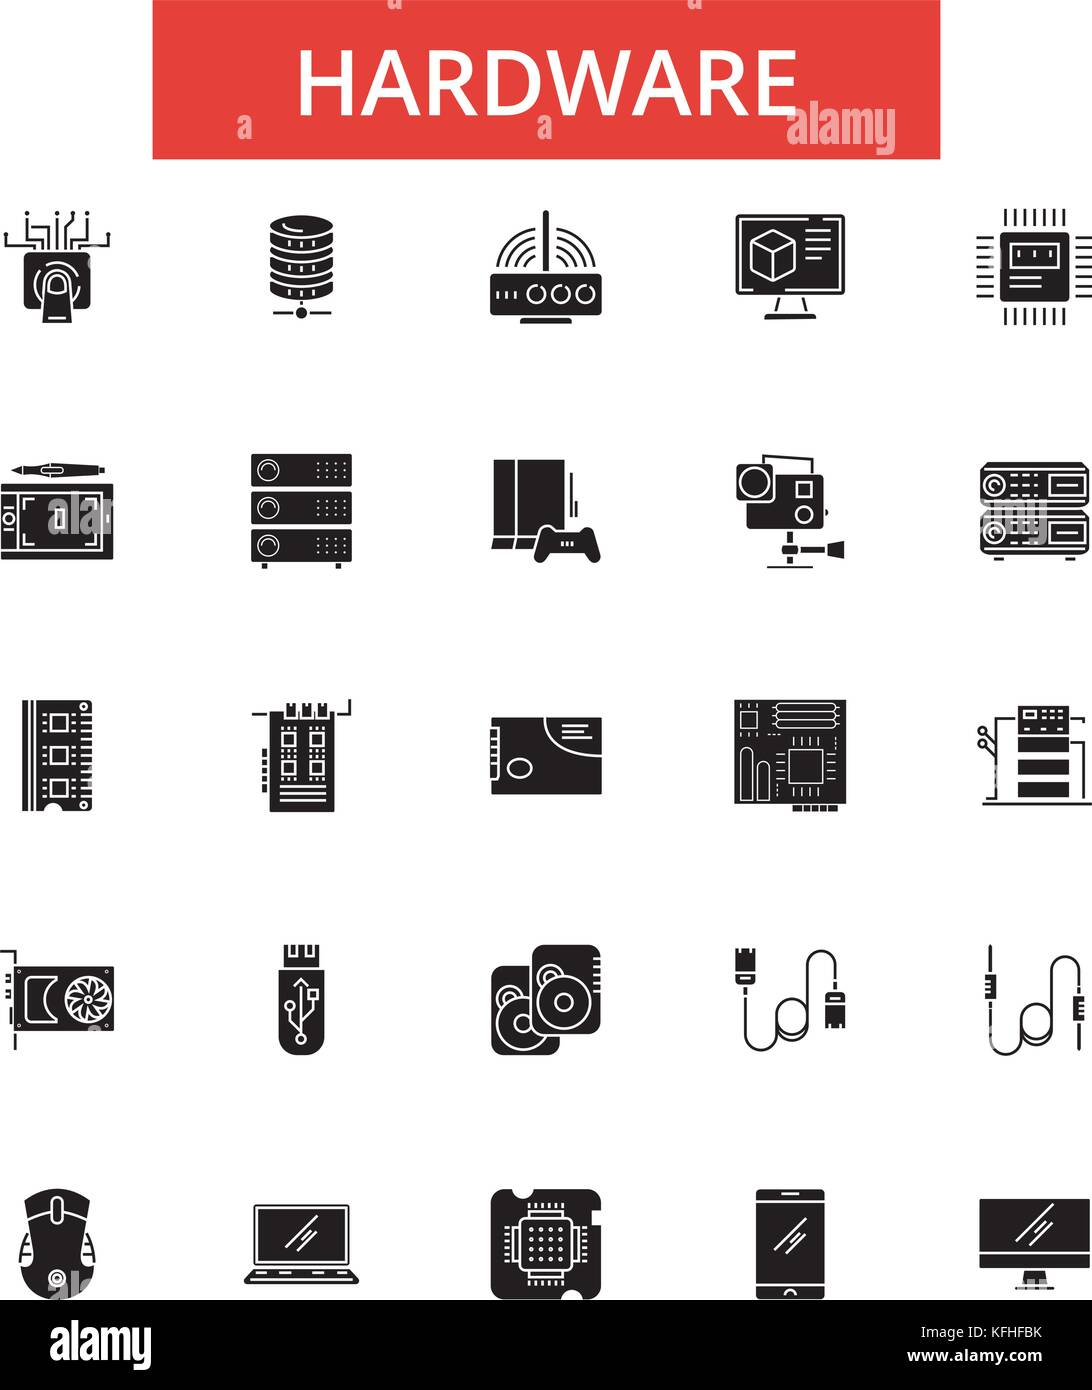 Hardware Abbildung, dünne Linie Symbole, lineare Flachbild Zeichen ...